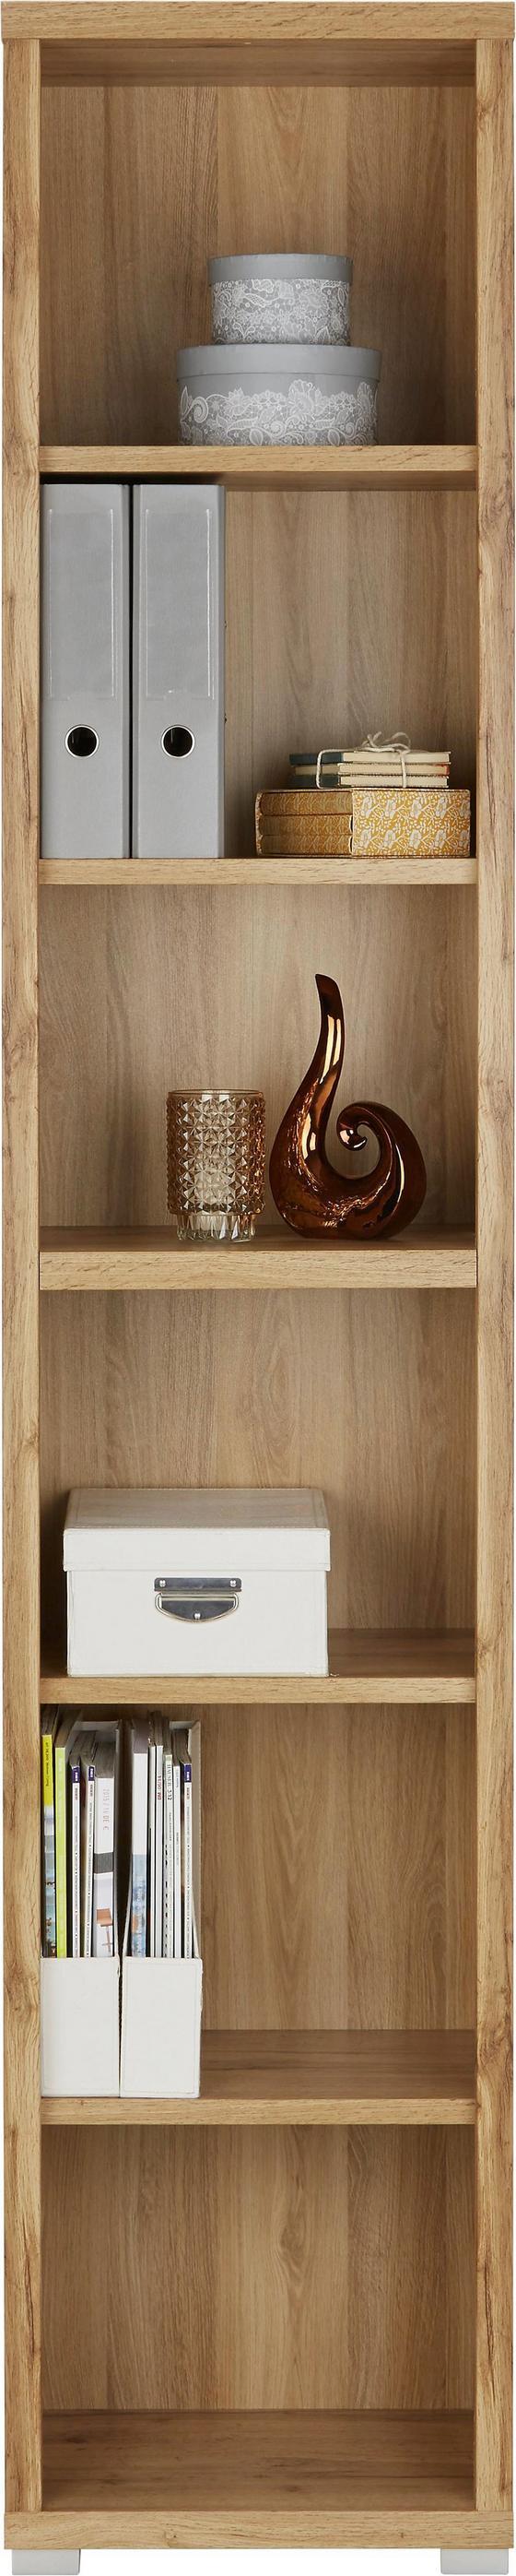 Regál Line4 10d4rr02 - bílá/barvy dubu, Moderní, kompozitní dřevo (44/218/36cm)